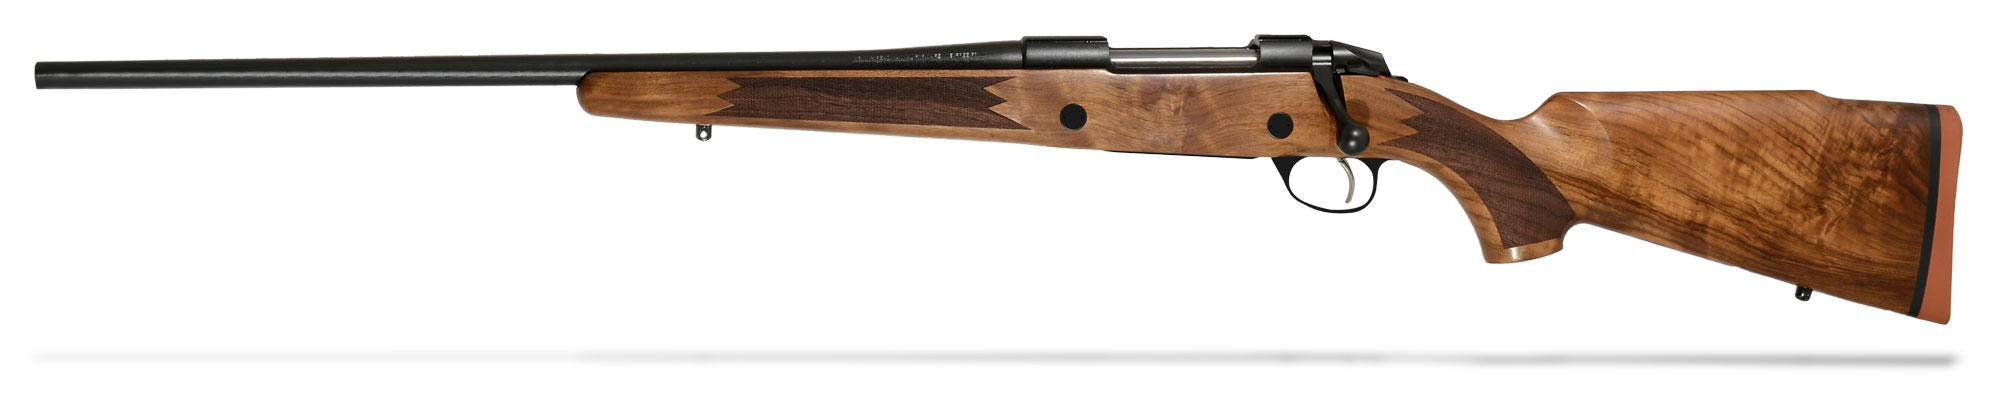 Sako Hunter LH .270 Win. Rifle JRS1A18L